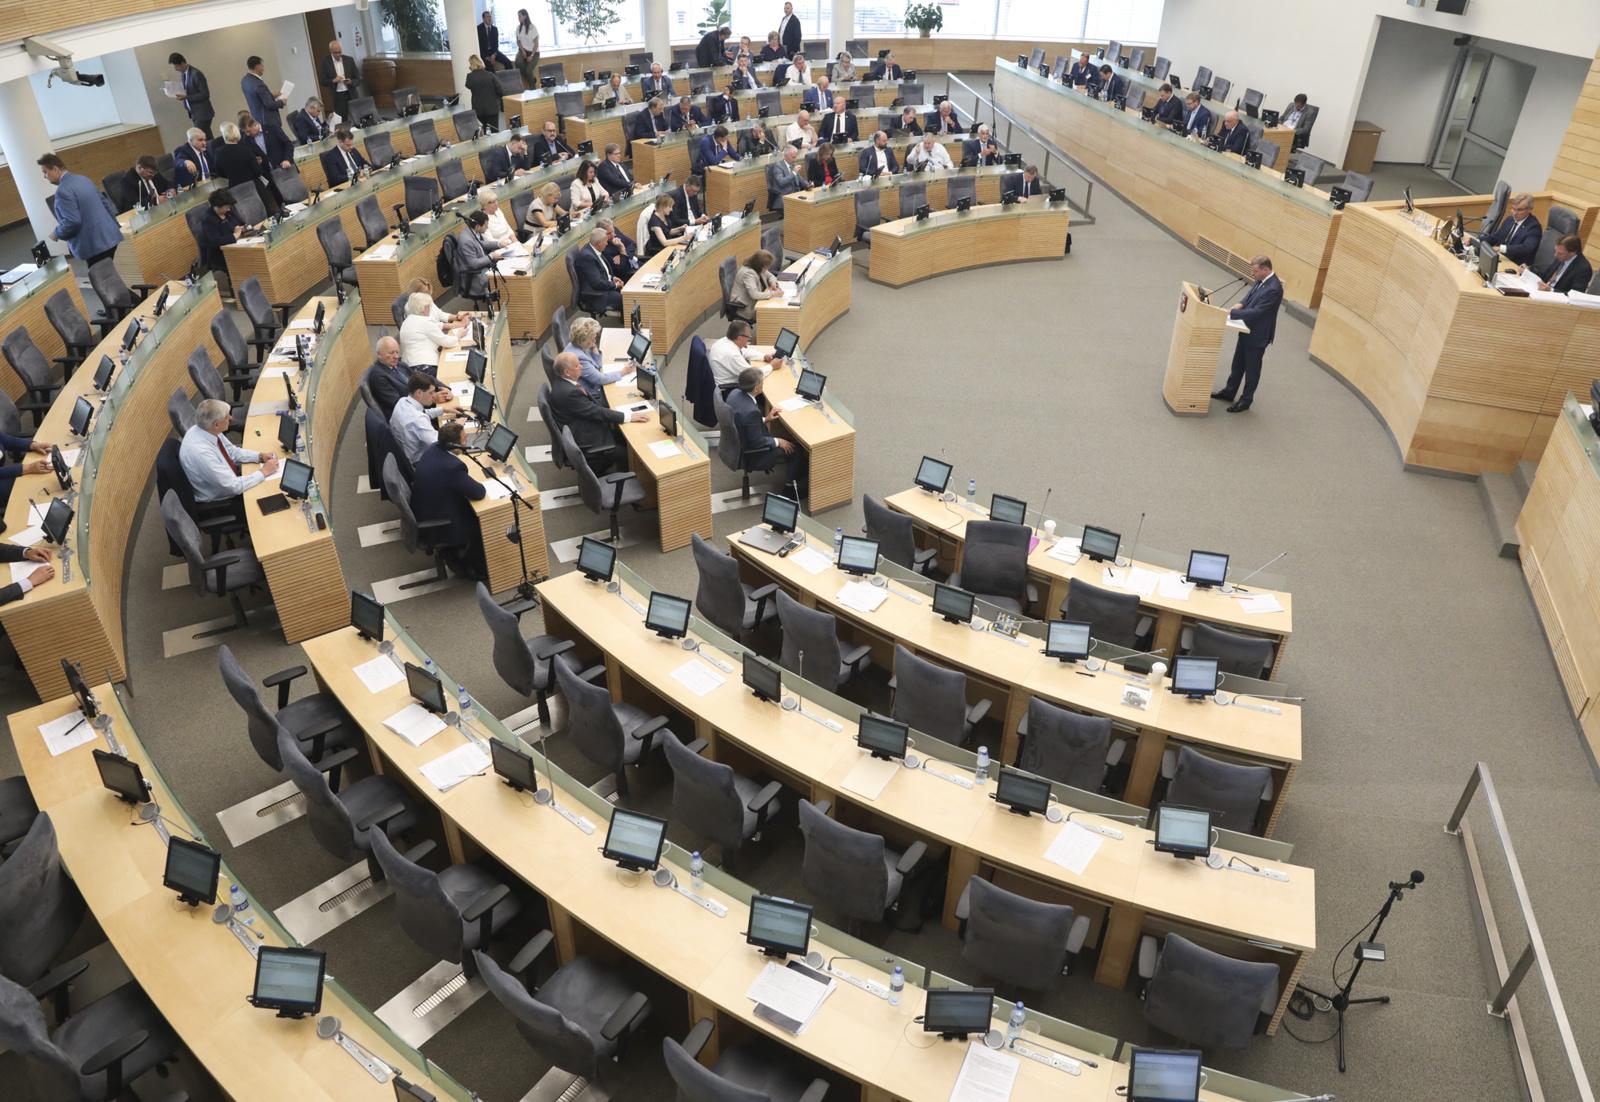 Įsigalioja sprendimas CŽV kalėjimo byloje: trys užduotys Lietuvai